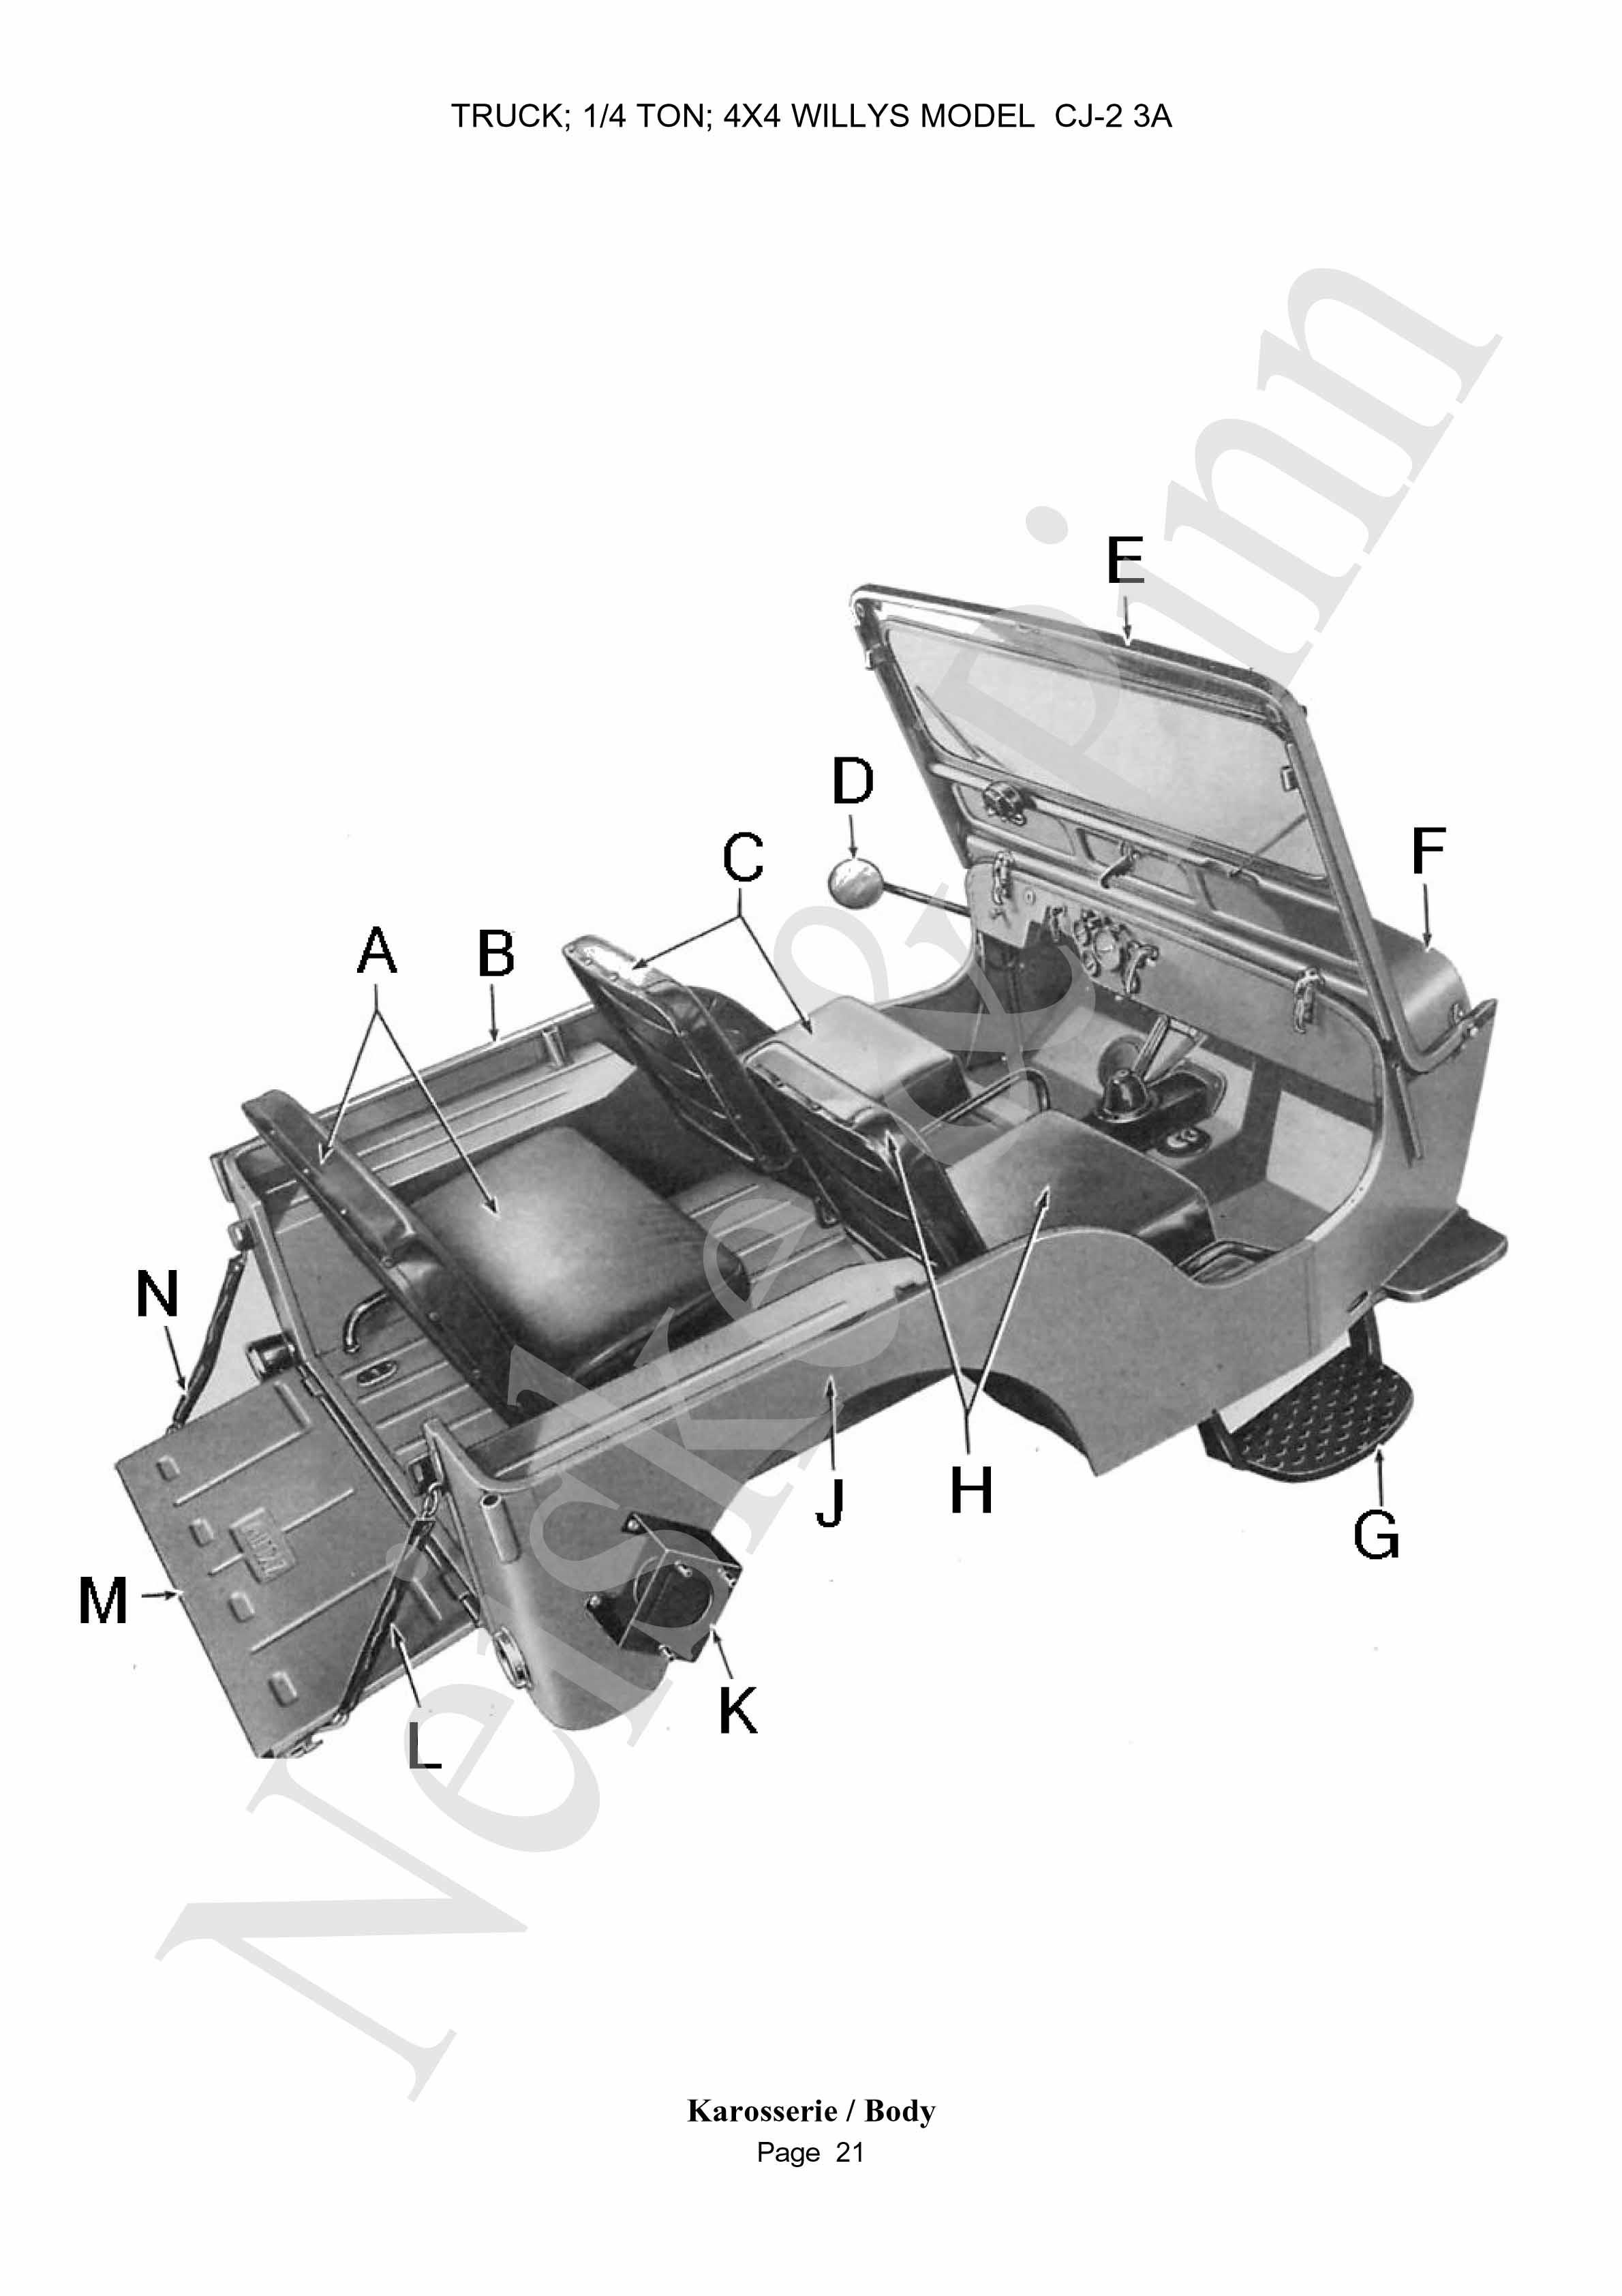 CJ2A Preisliste - Price list CJ2A